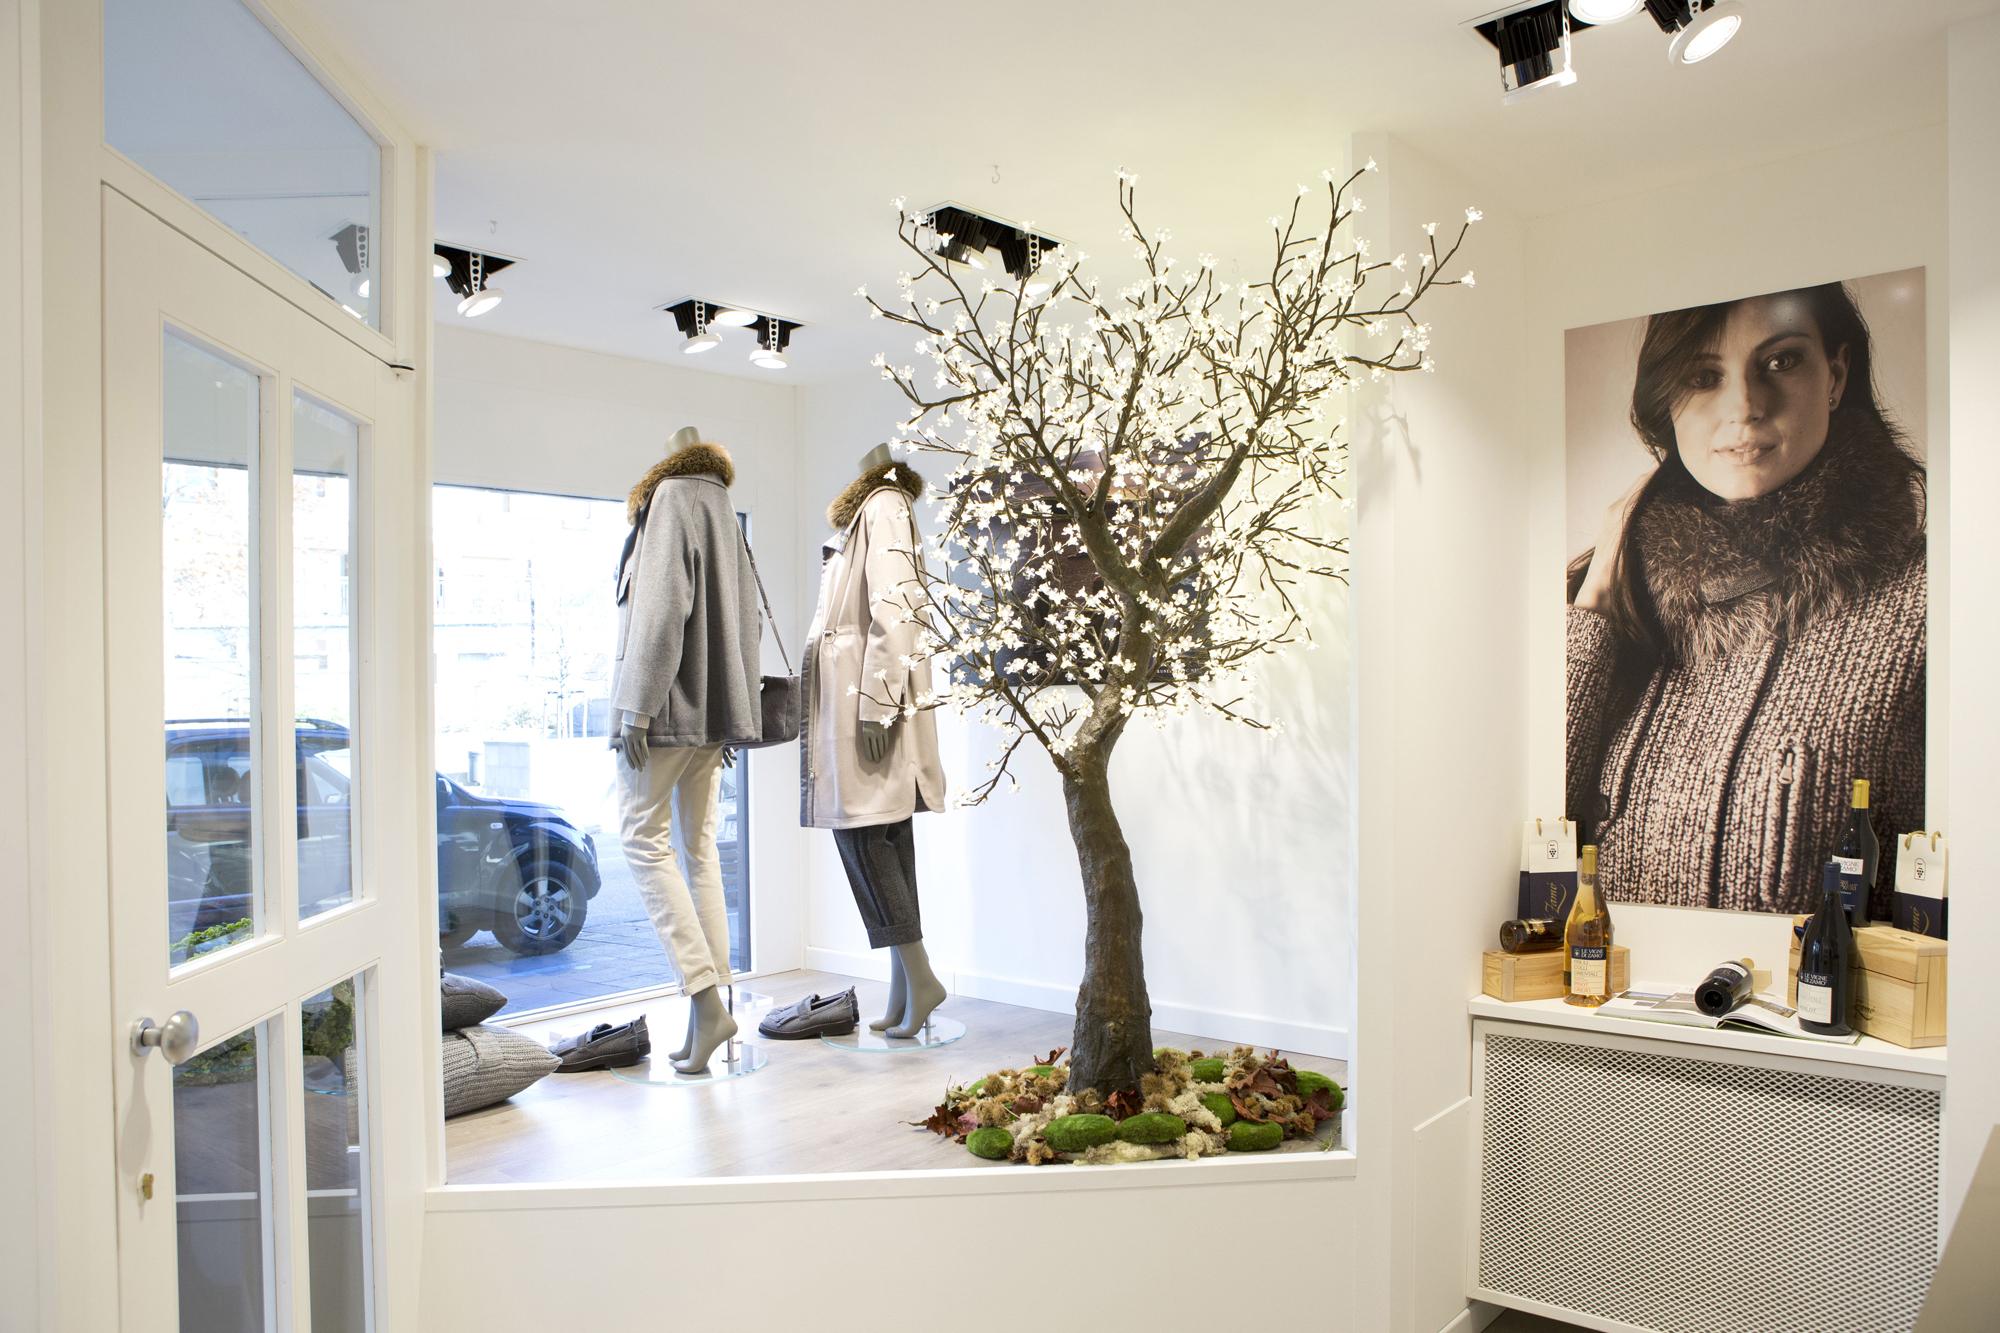 negozio abbigliamento tarvisio